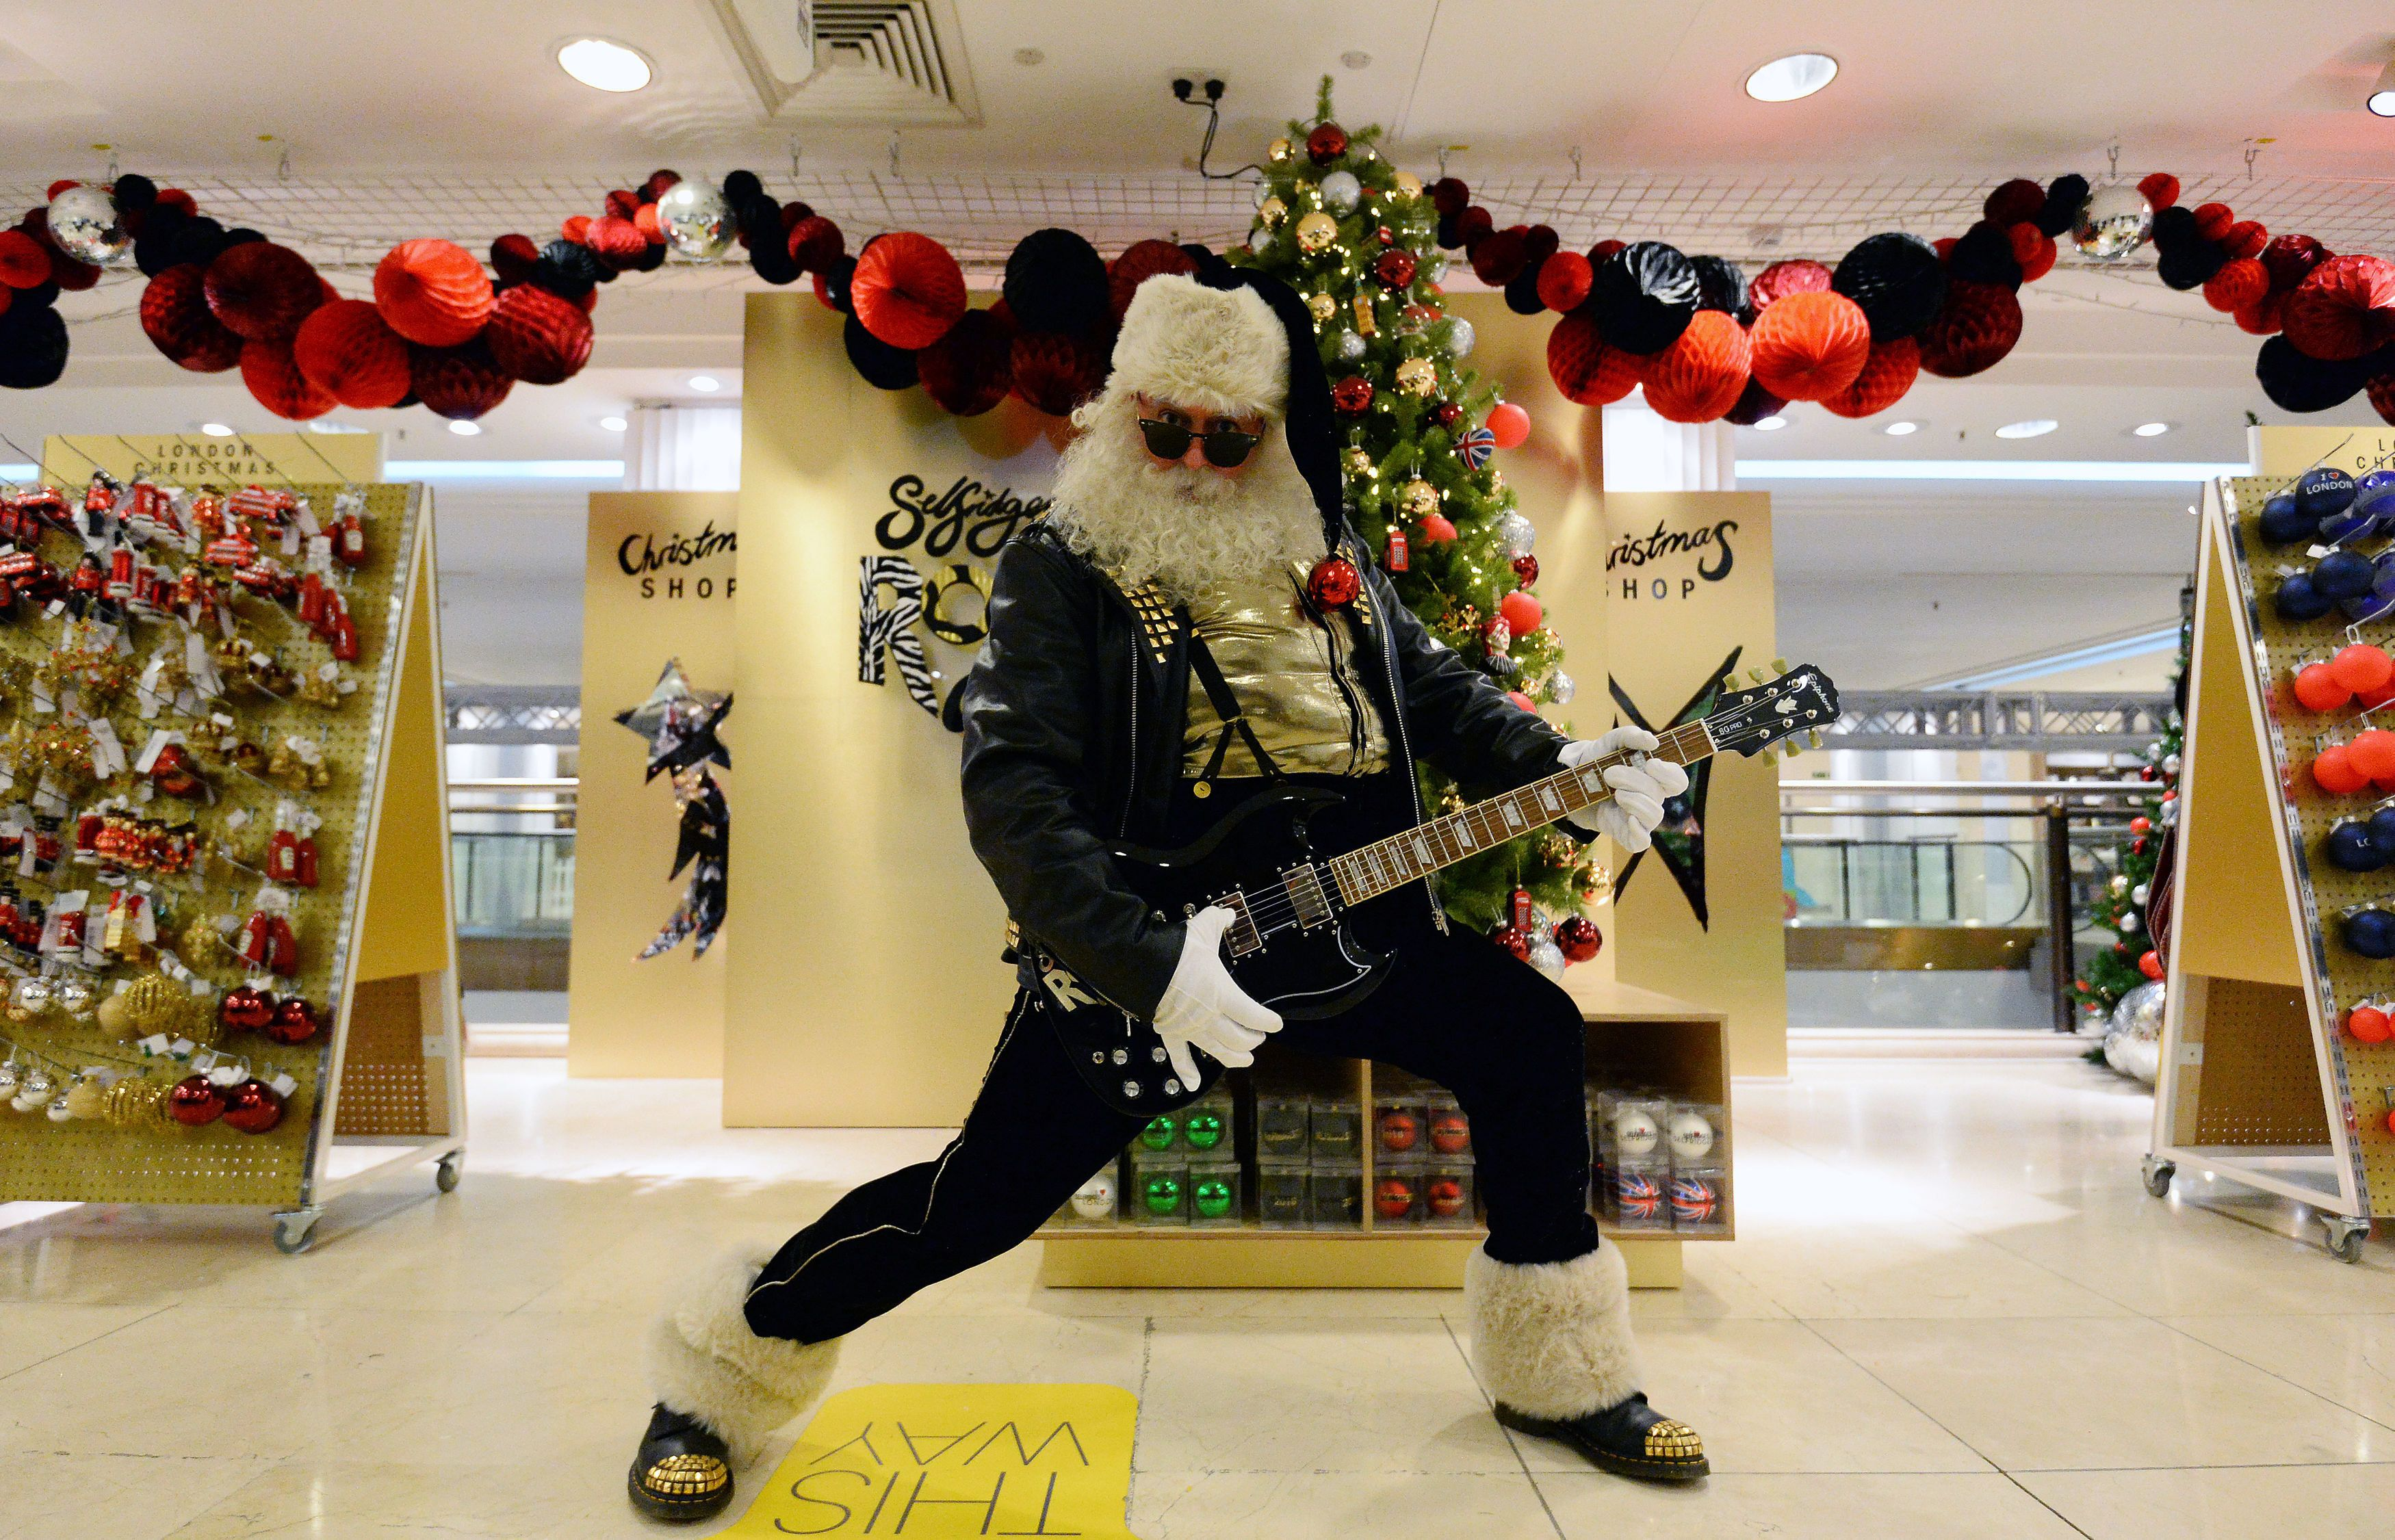 Έχει και η υπερβολή τα όρια της. Εμπορικό κέντρο στην Αγγλία έφερε τον Άι Βασίλη και τα χριστουγεννιάτικα μέσα στον